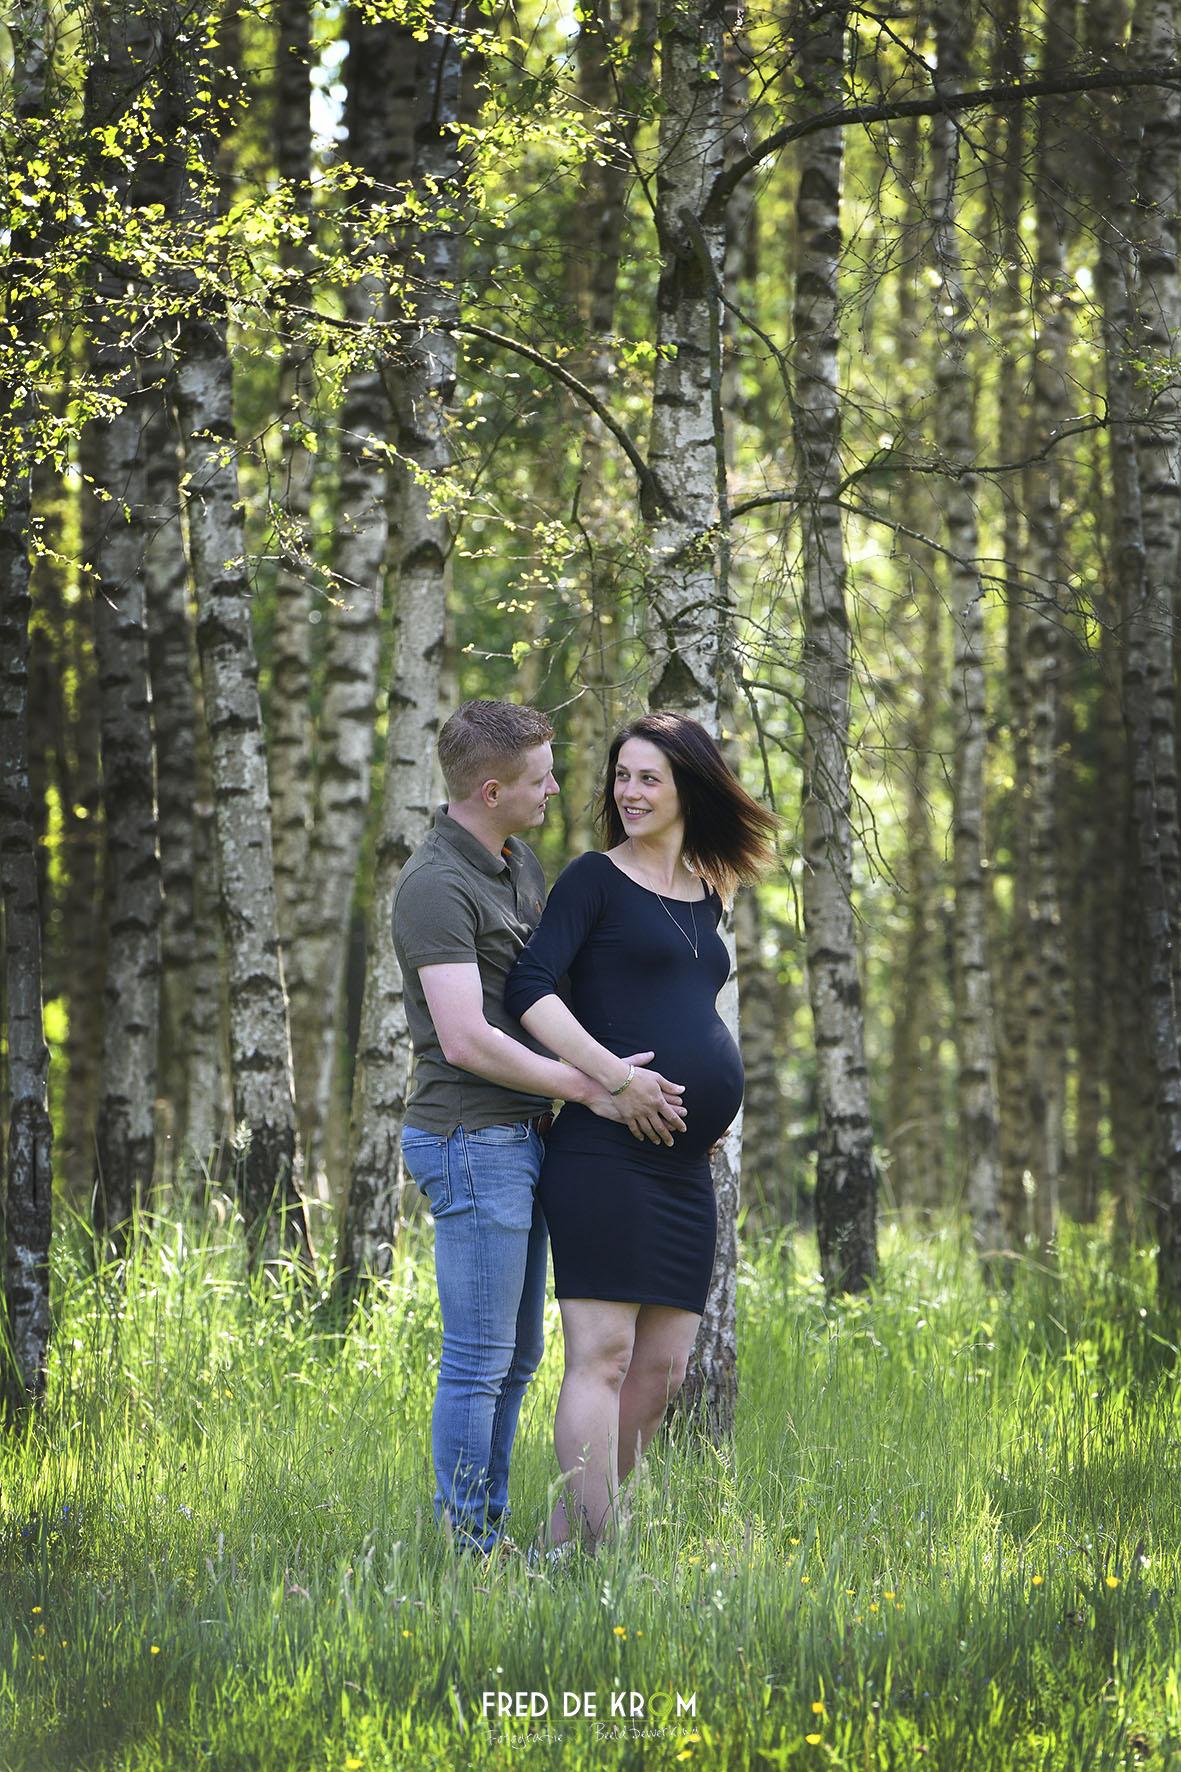 zwangerschaps-fotoshoots_blijde-verwachtings-fotoshoots_bolle-buiken-fotoreportages_9_fred-de-krom-fotografie